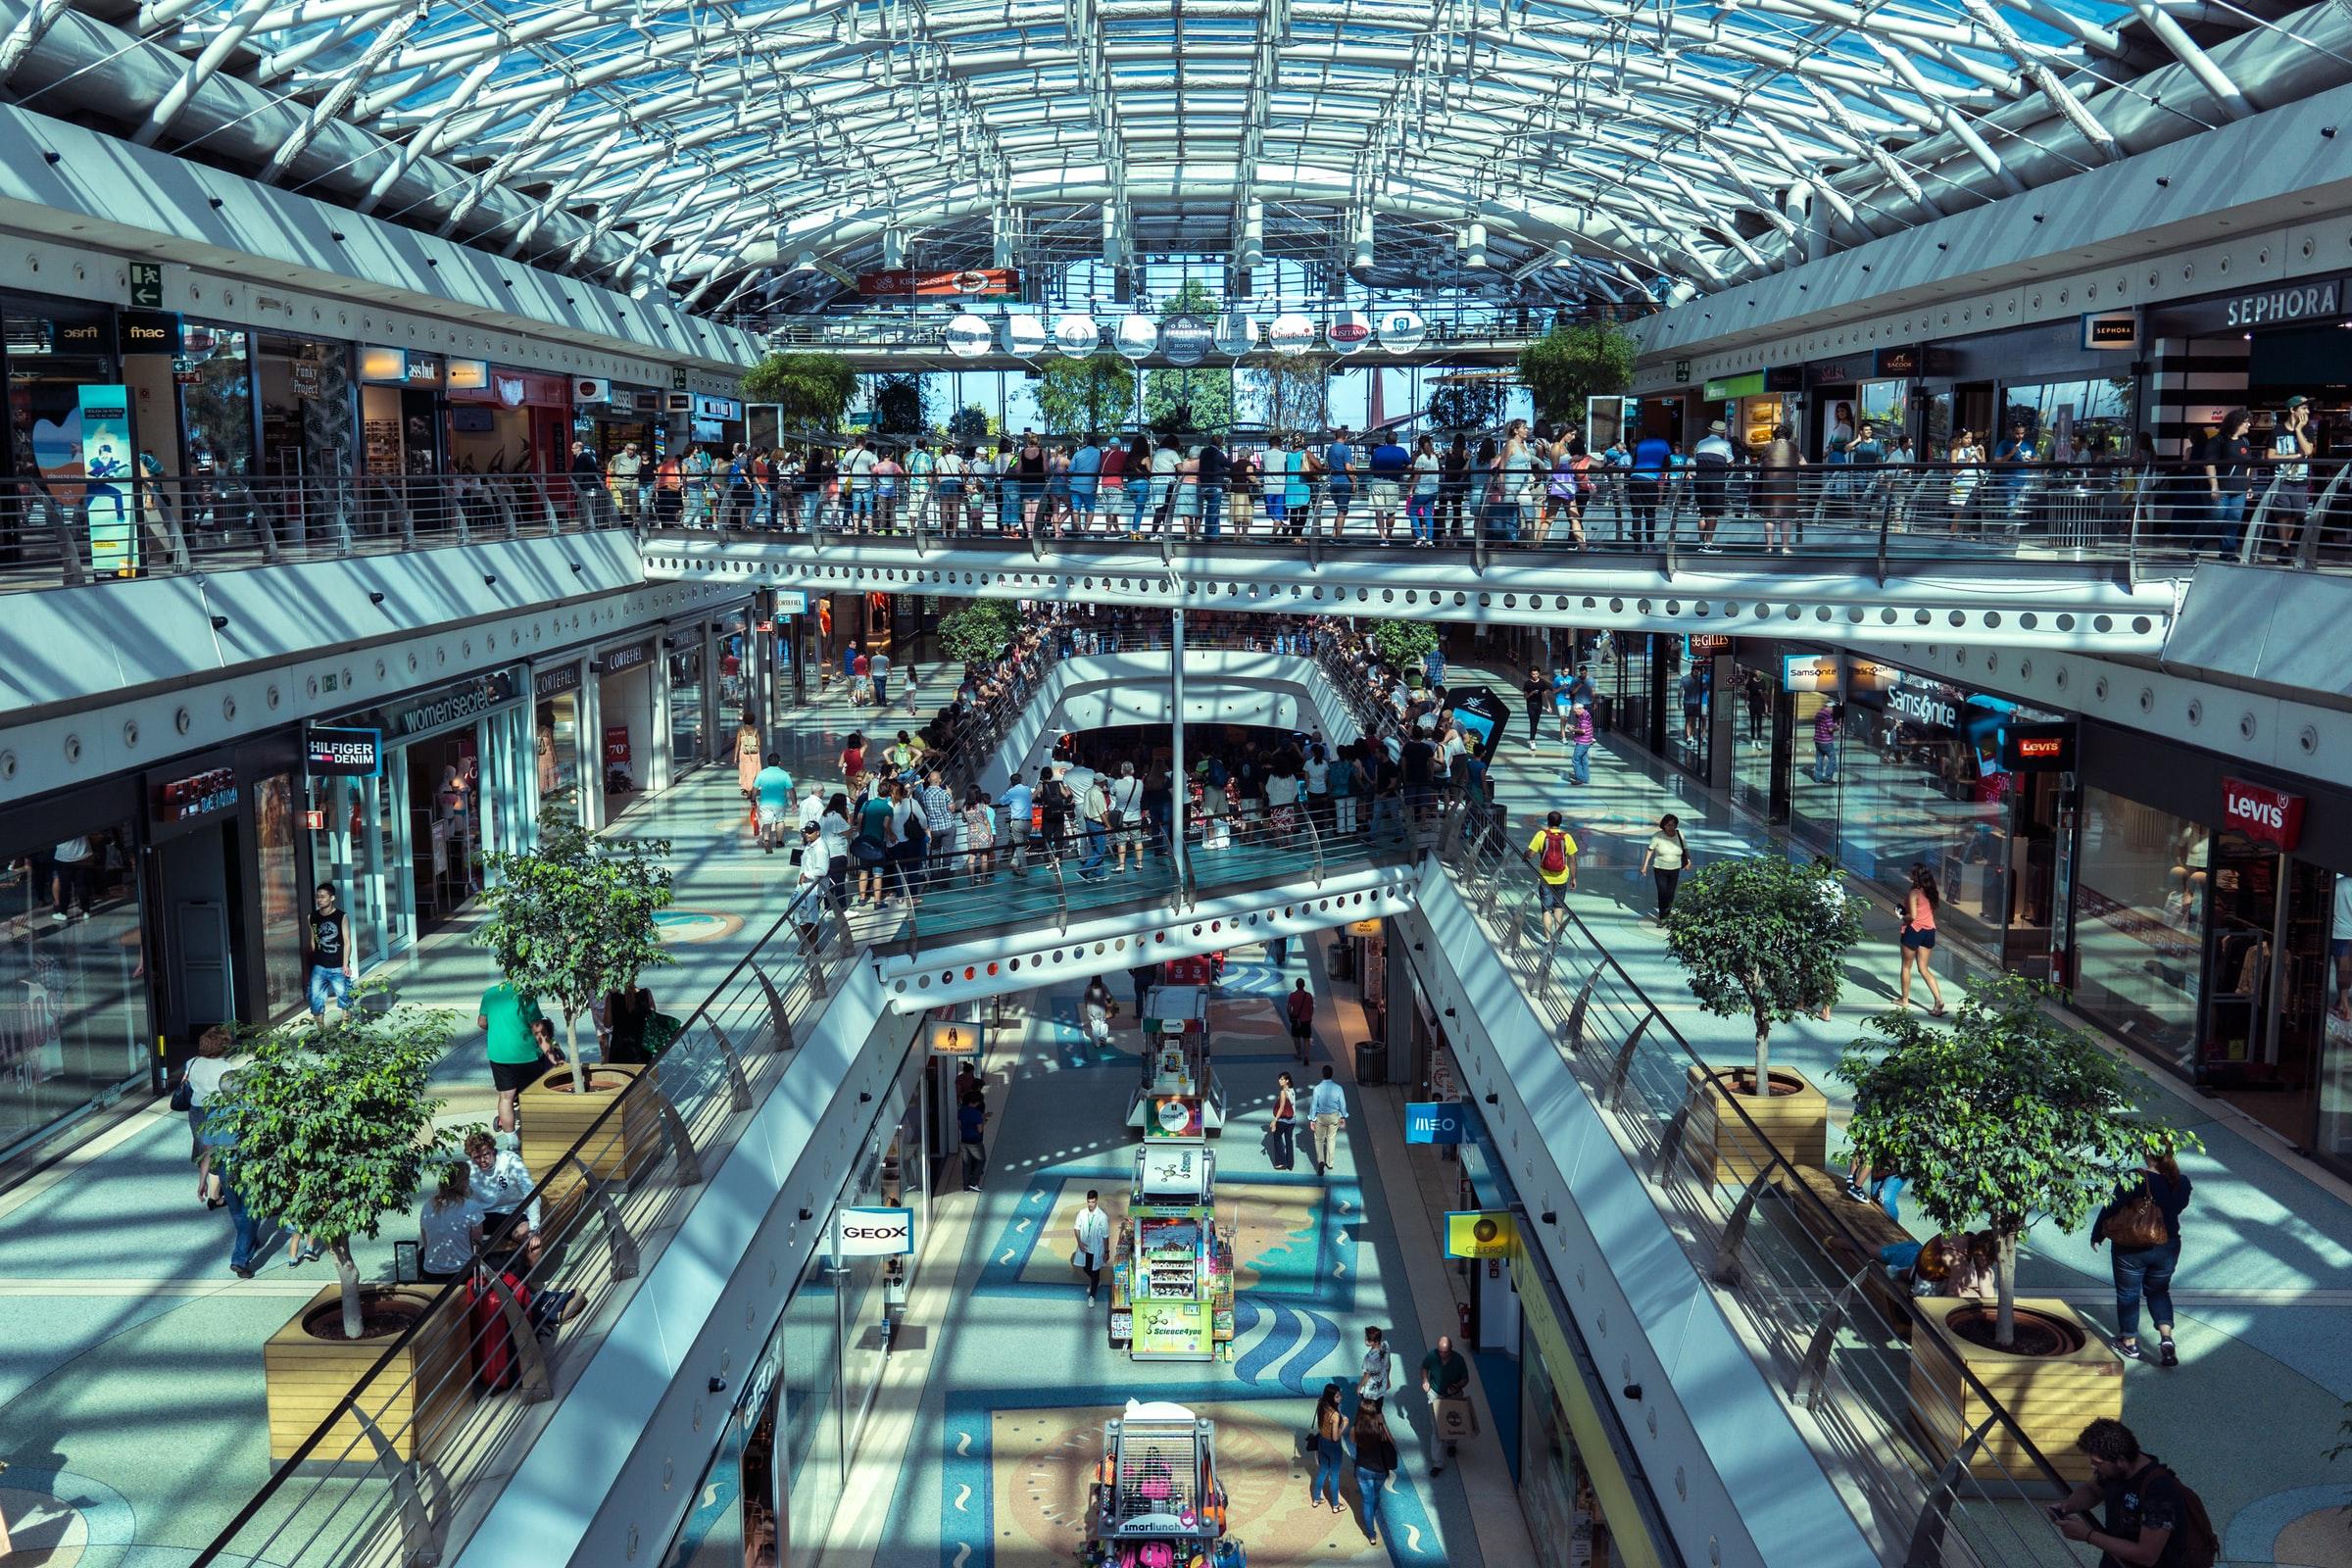 Vista de centro comercial